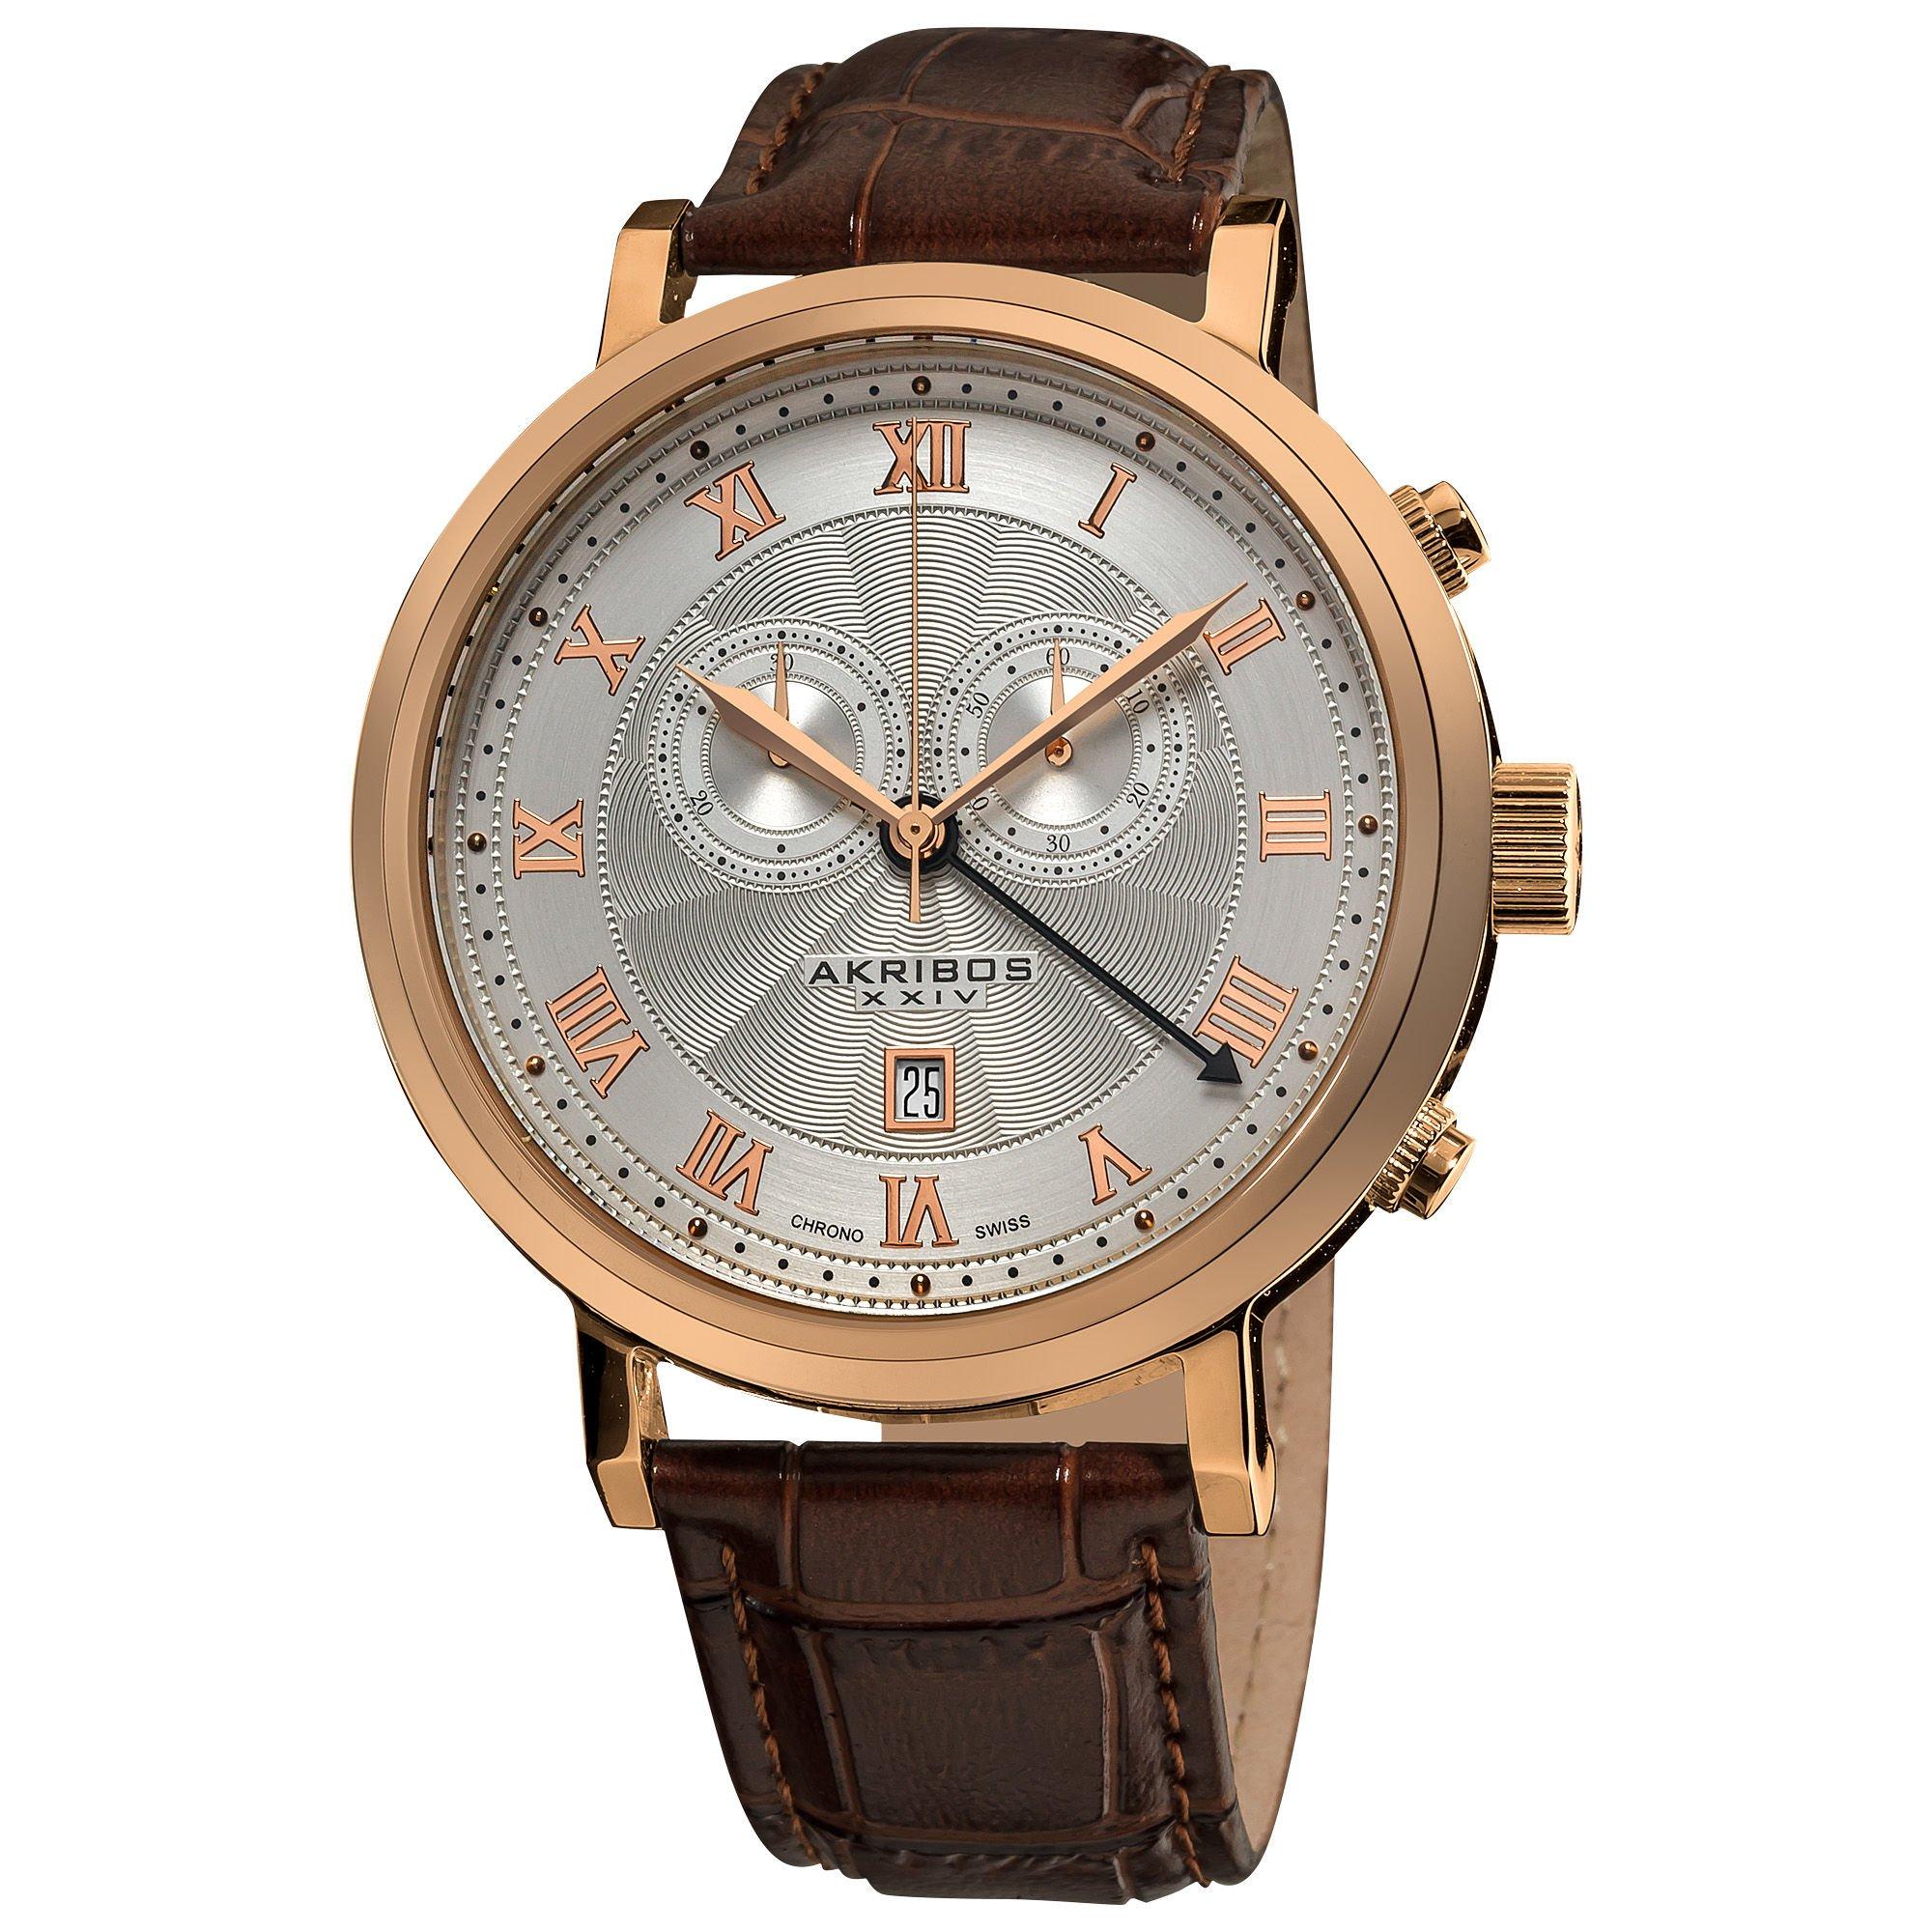 Akribos XXIV AKR591RG Men's Leather Strap Swiss Collection Chronograph Watch by Akribos XXIV